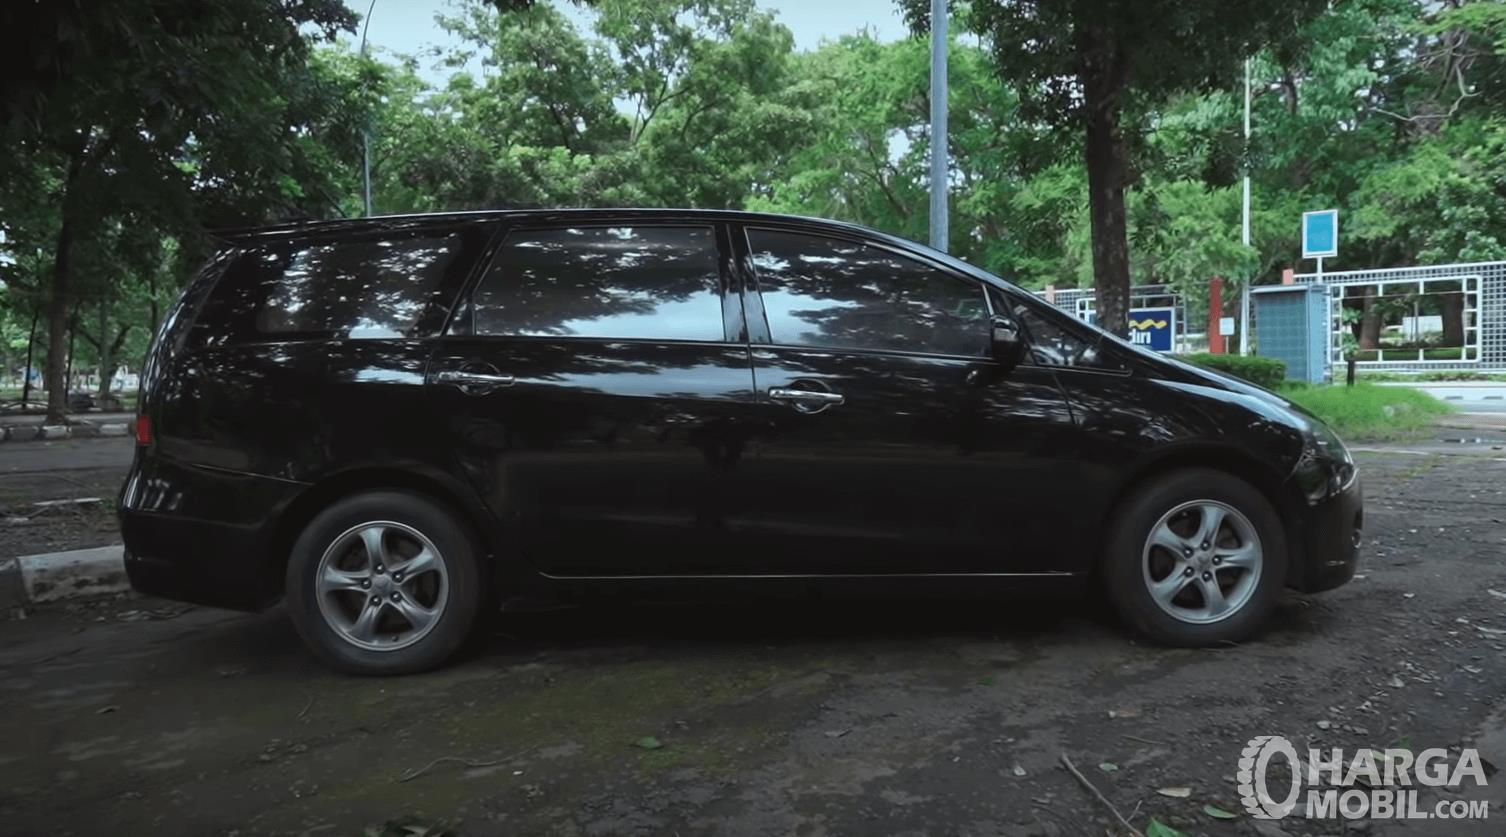 Gambar ini menunjukkan bagian samping mobil Mitsubishi Grandis 2.4 AT 2006